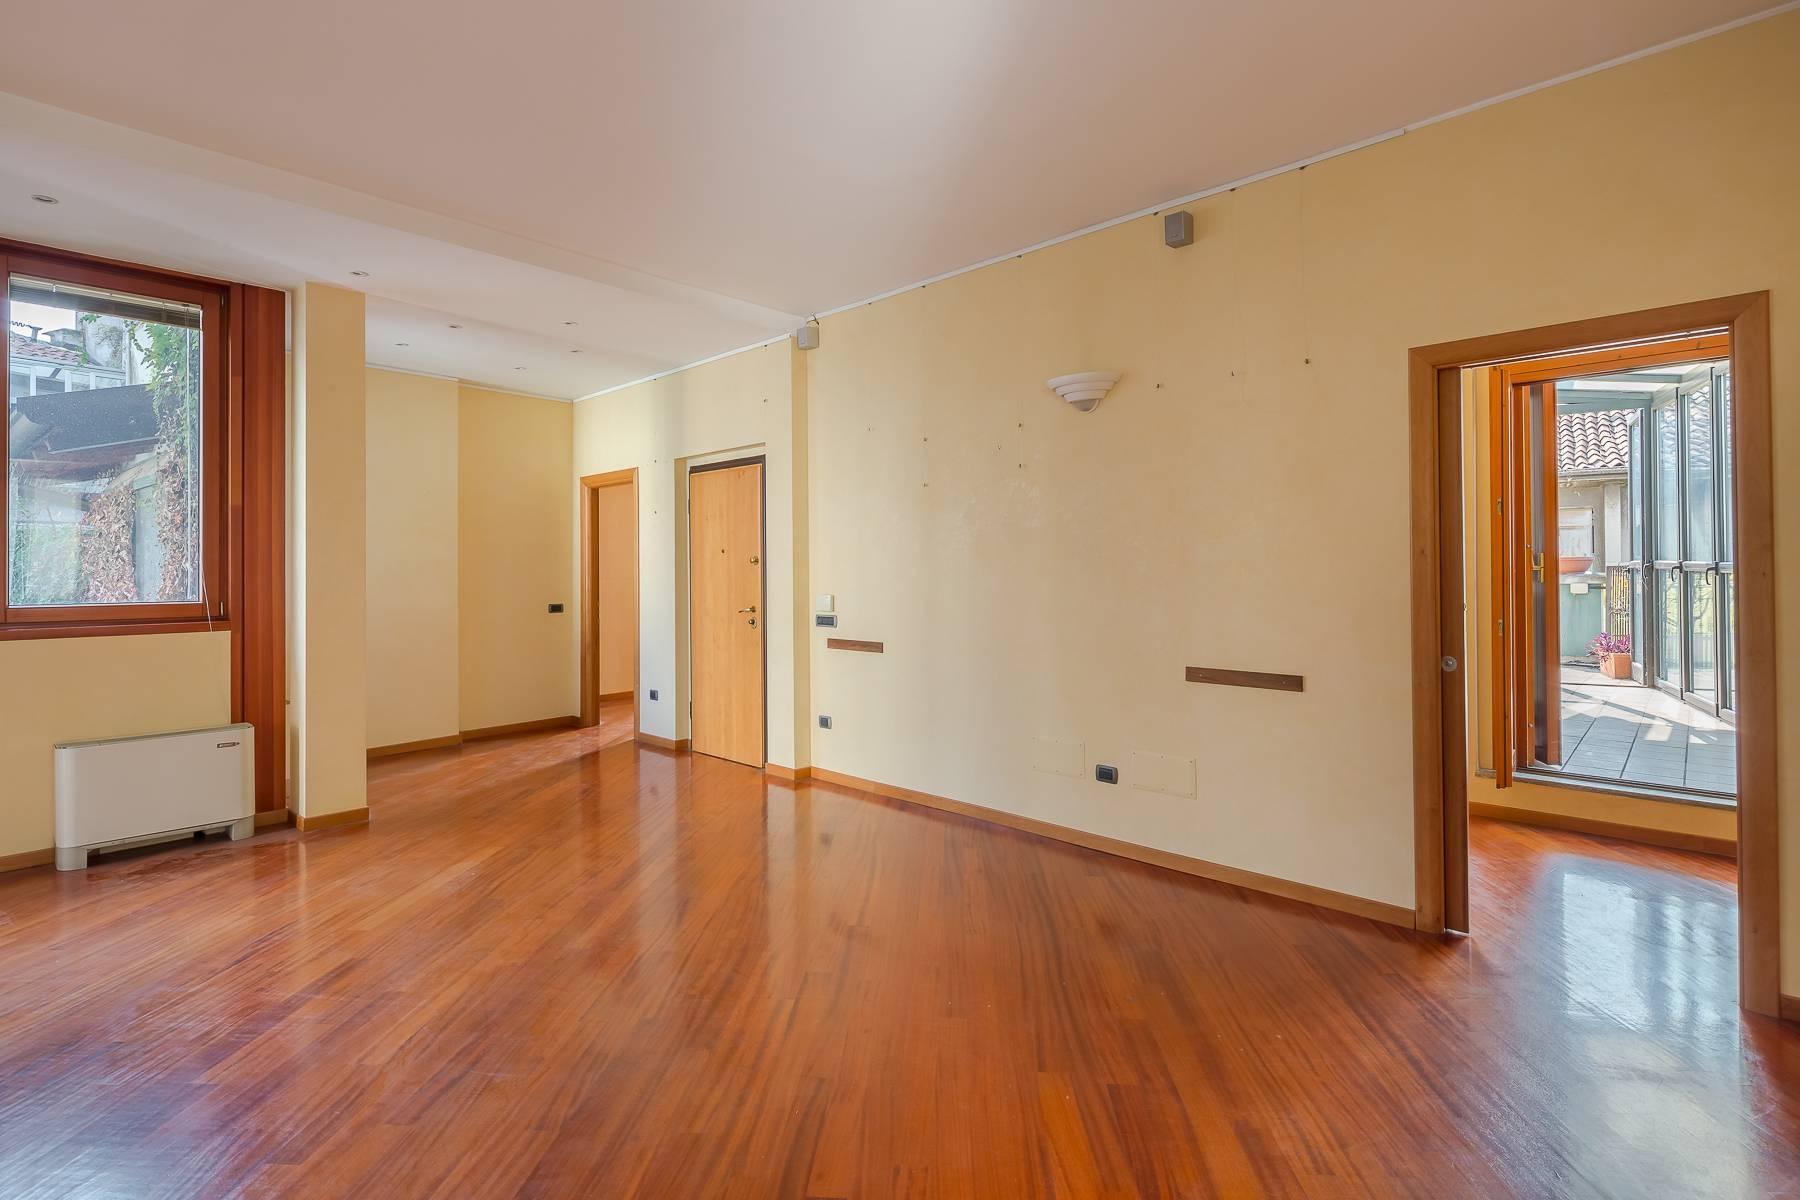 Appartamento di charme con terrazzo a pochi passi dal Duomo - 11